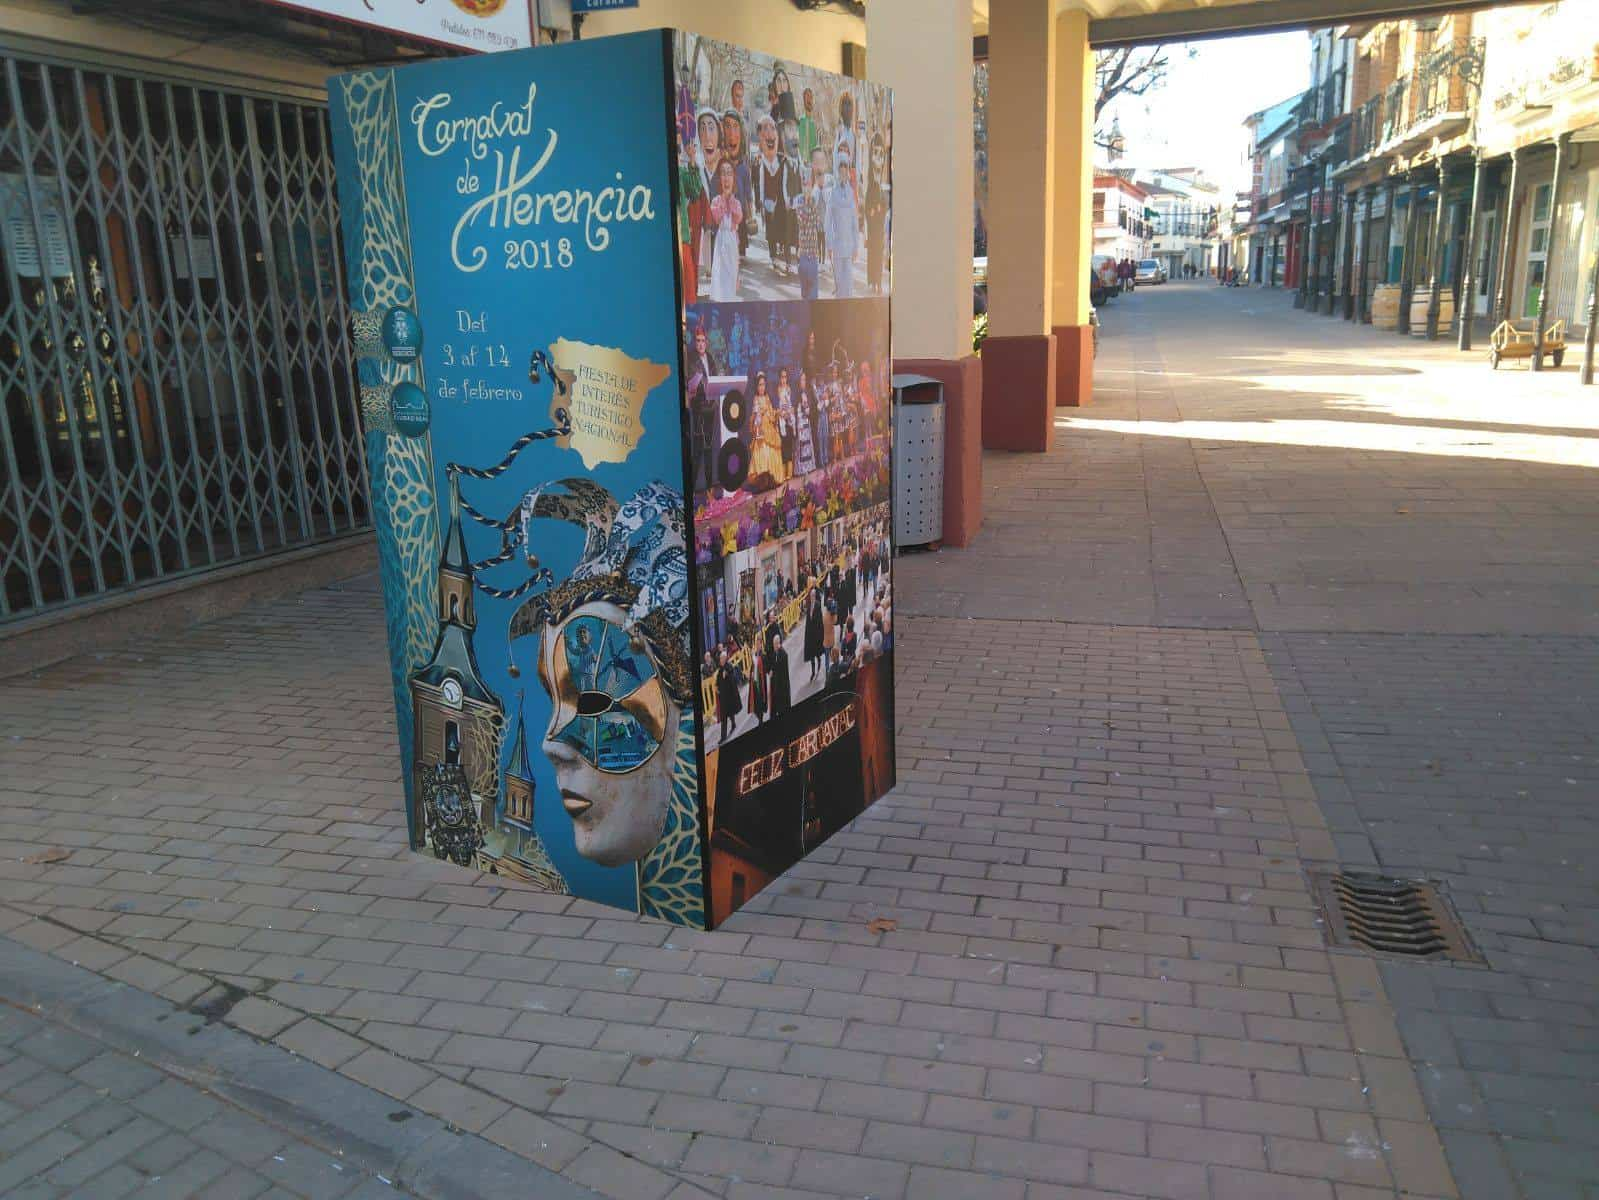 Paneles informativos del Carnaval 2018 a pie de calle 5